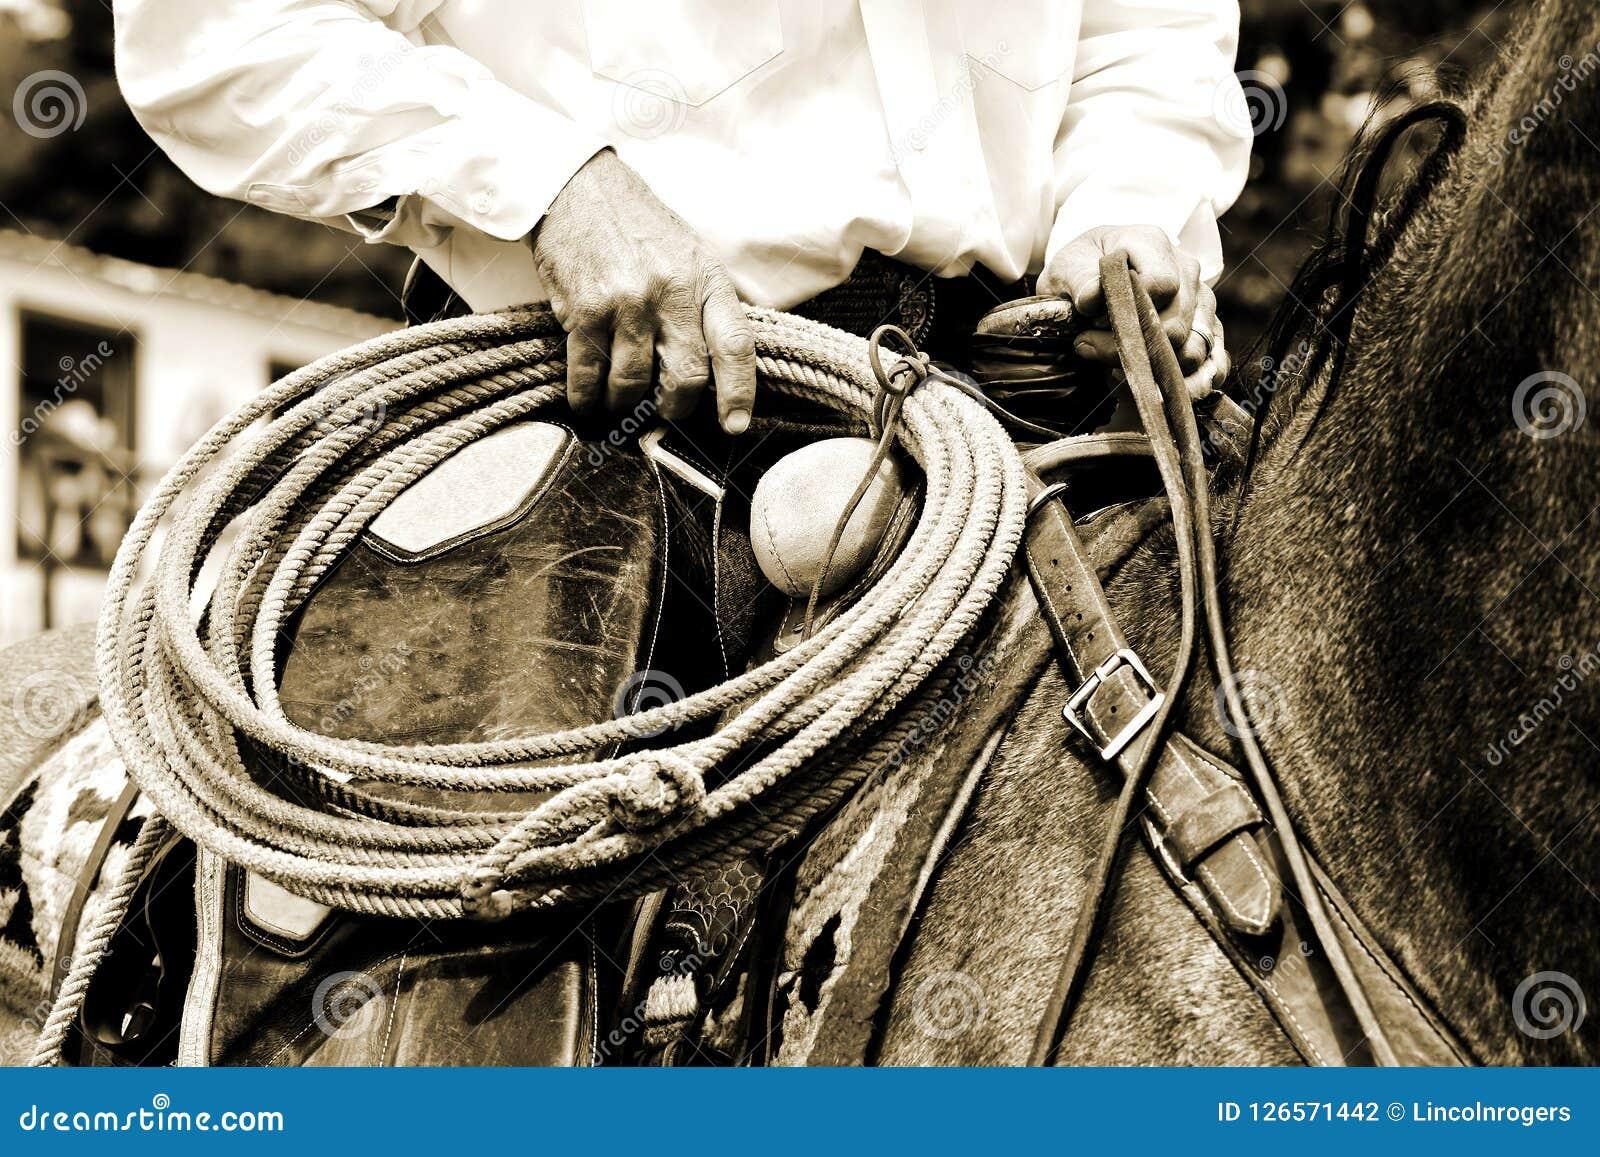 Werkende Cowboy Riding met Kabel - Sepia Tint